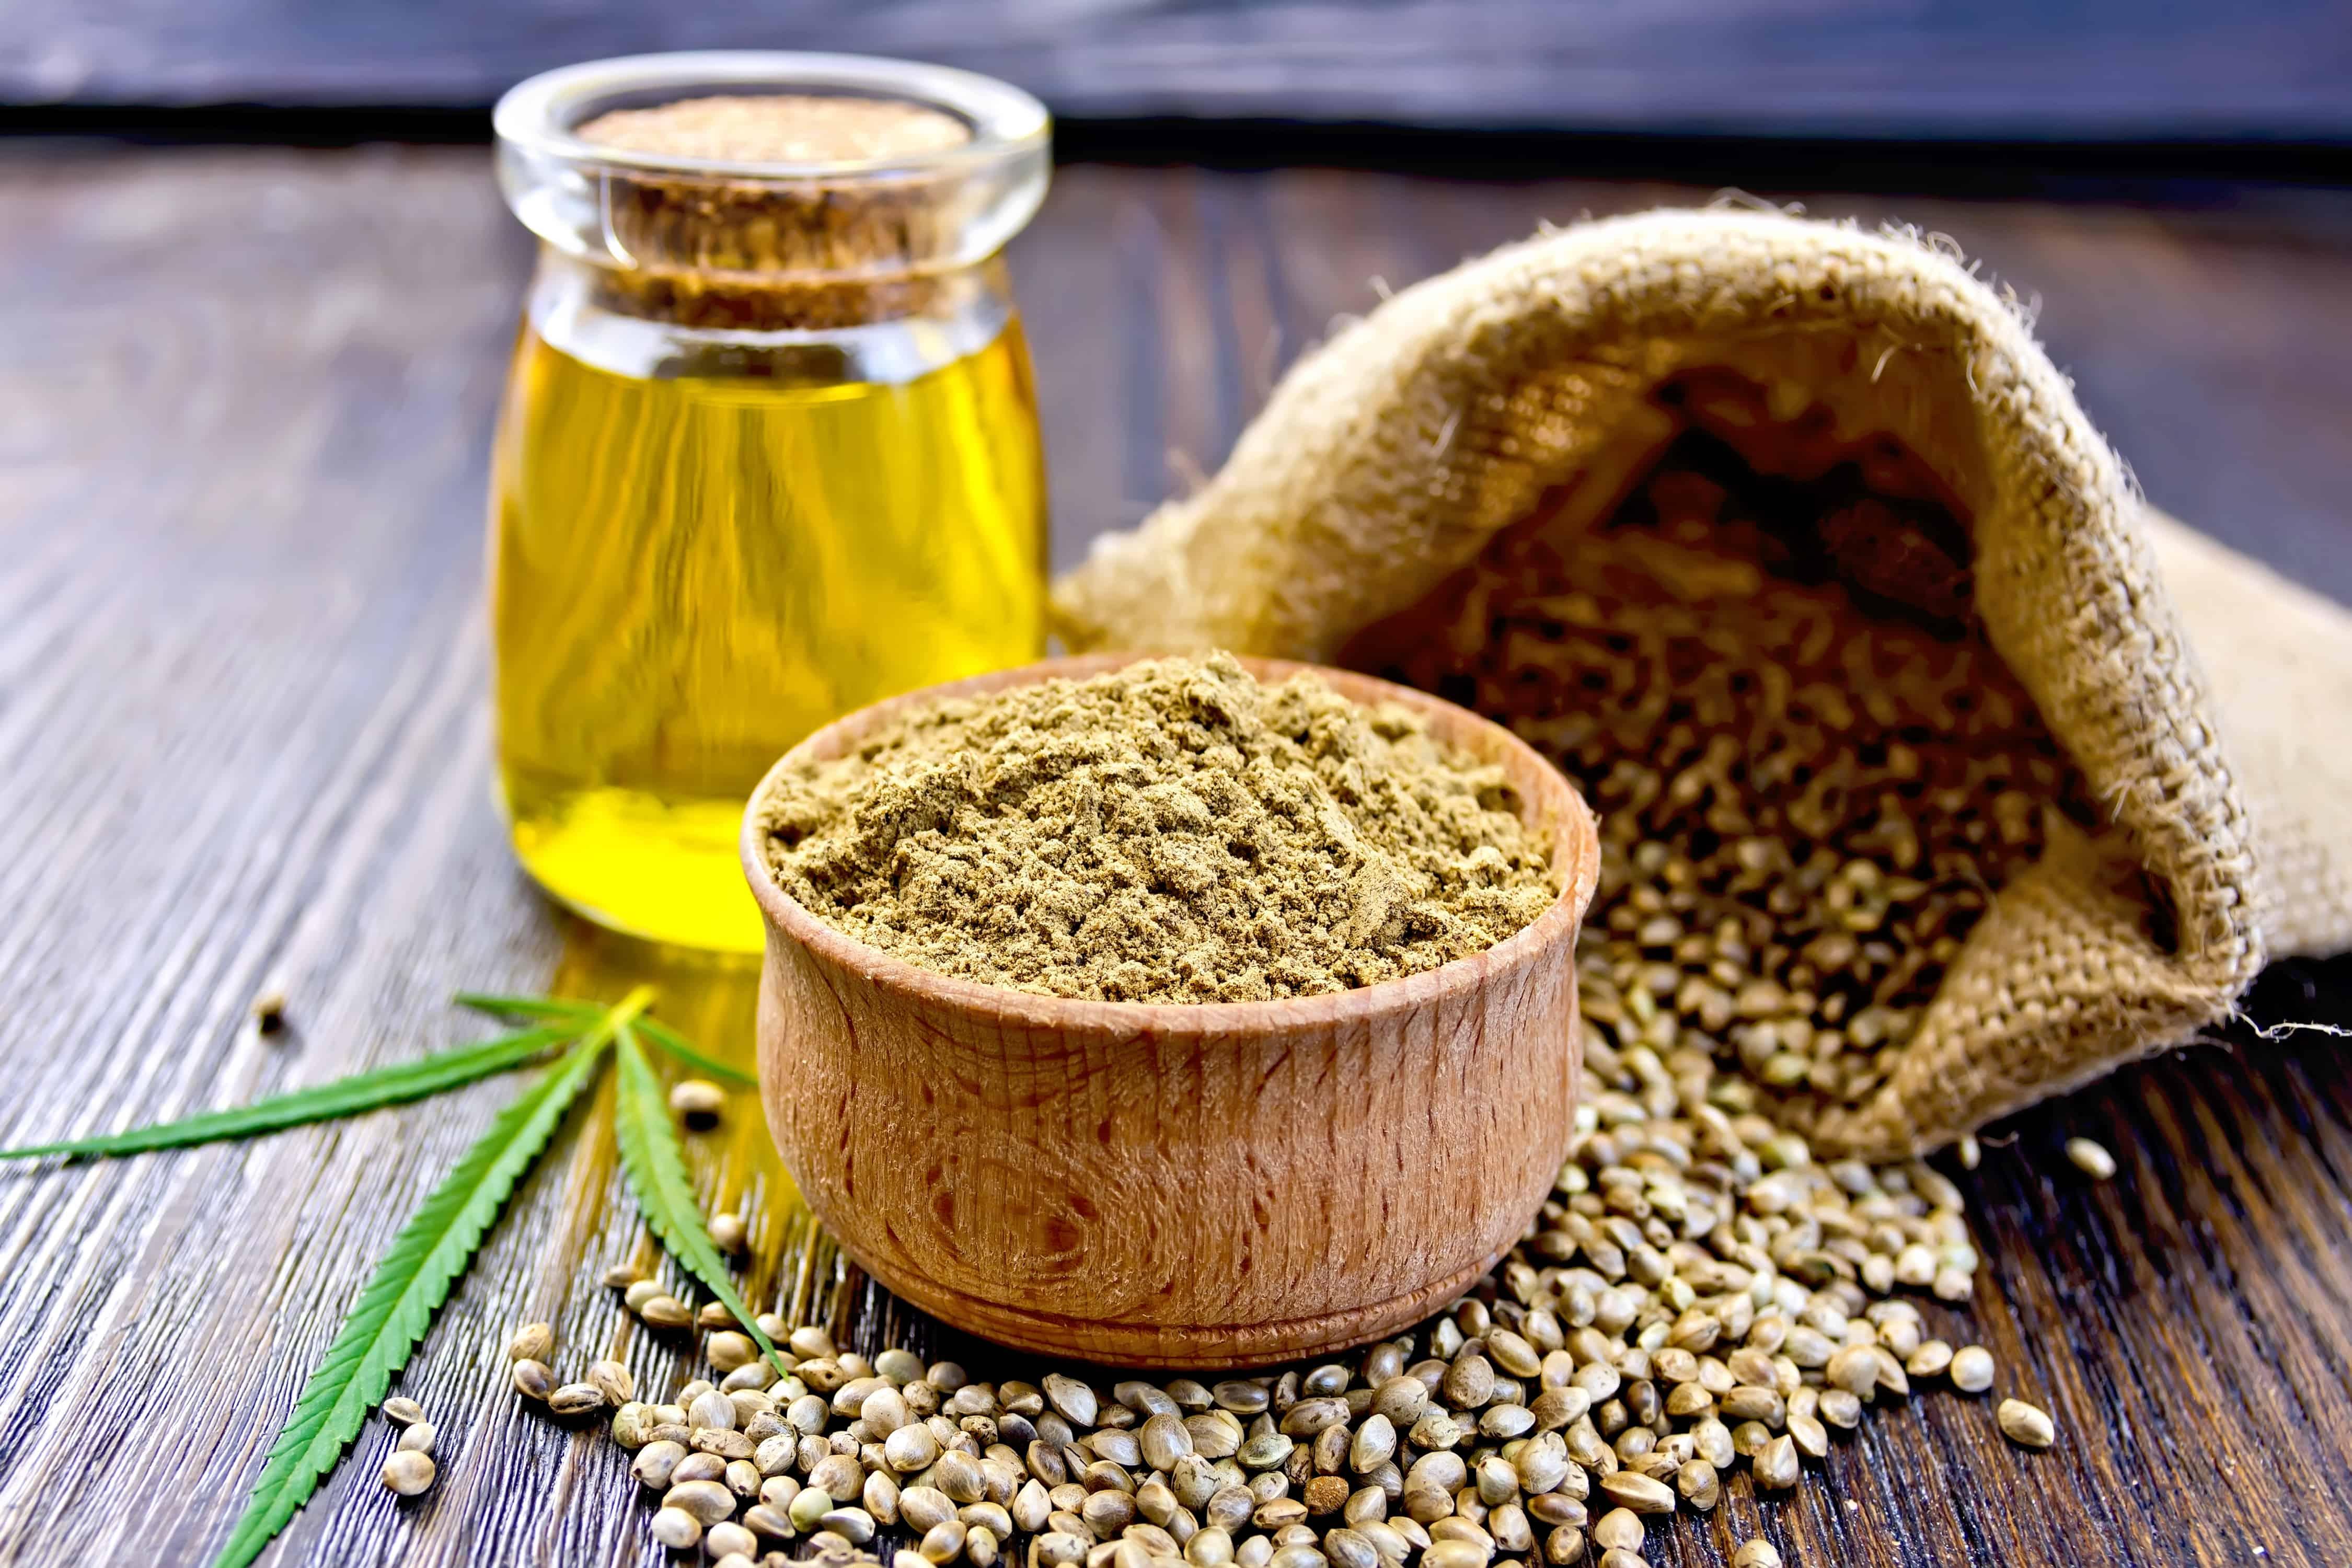 huile, graines et farine de chanvre